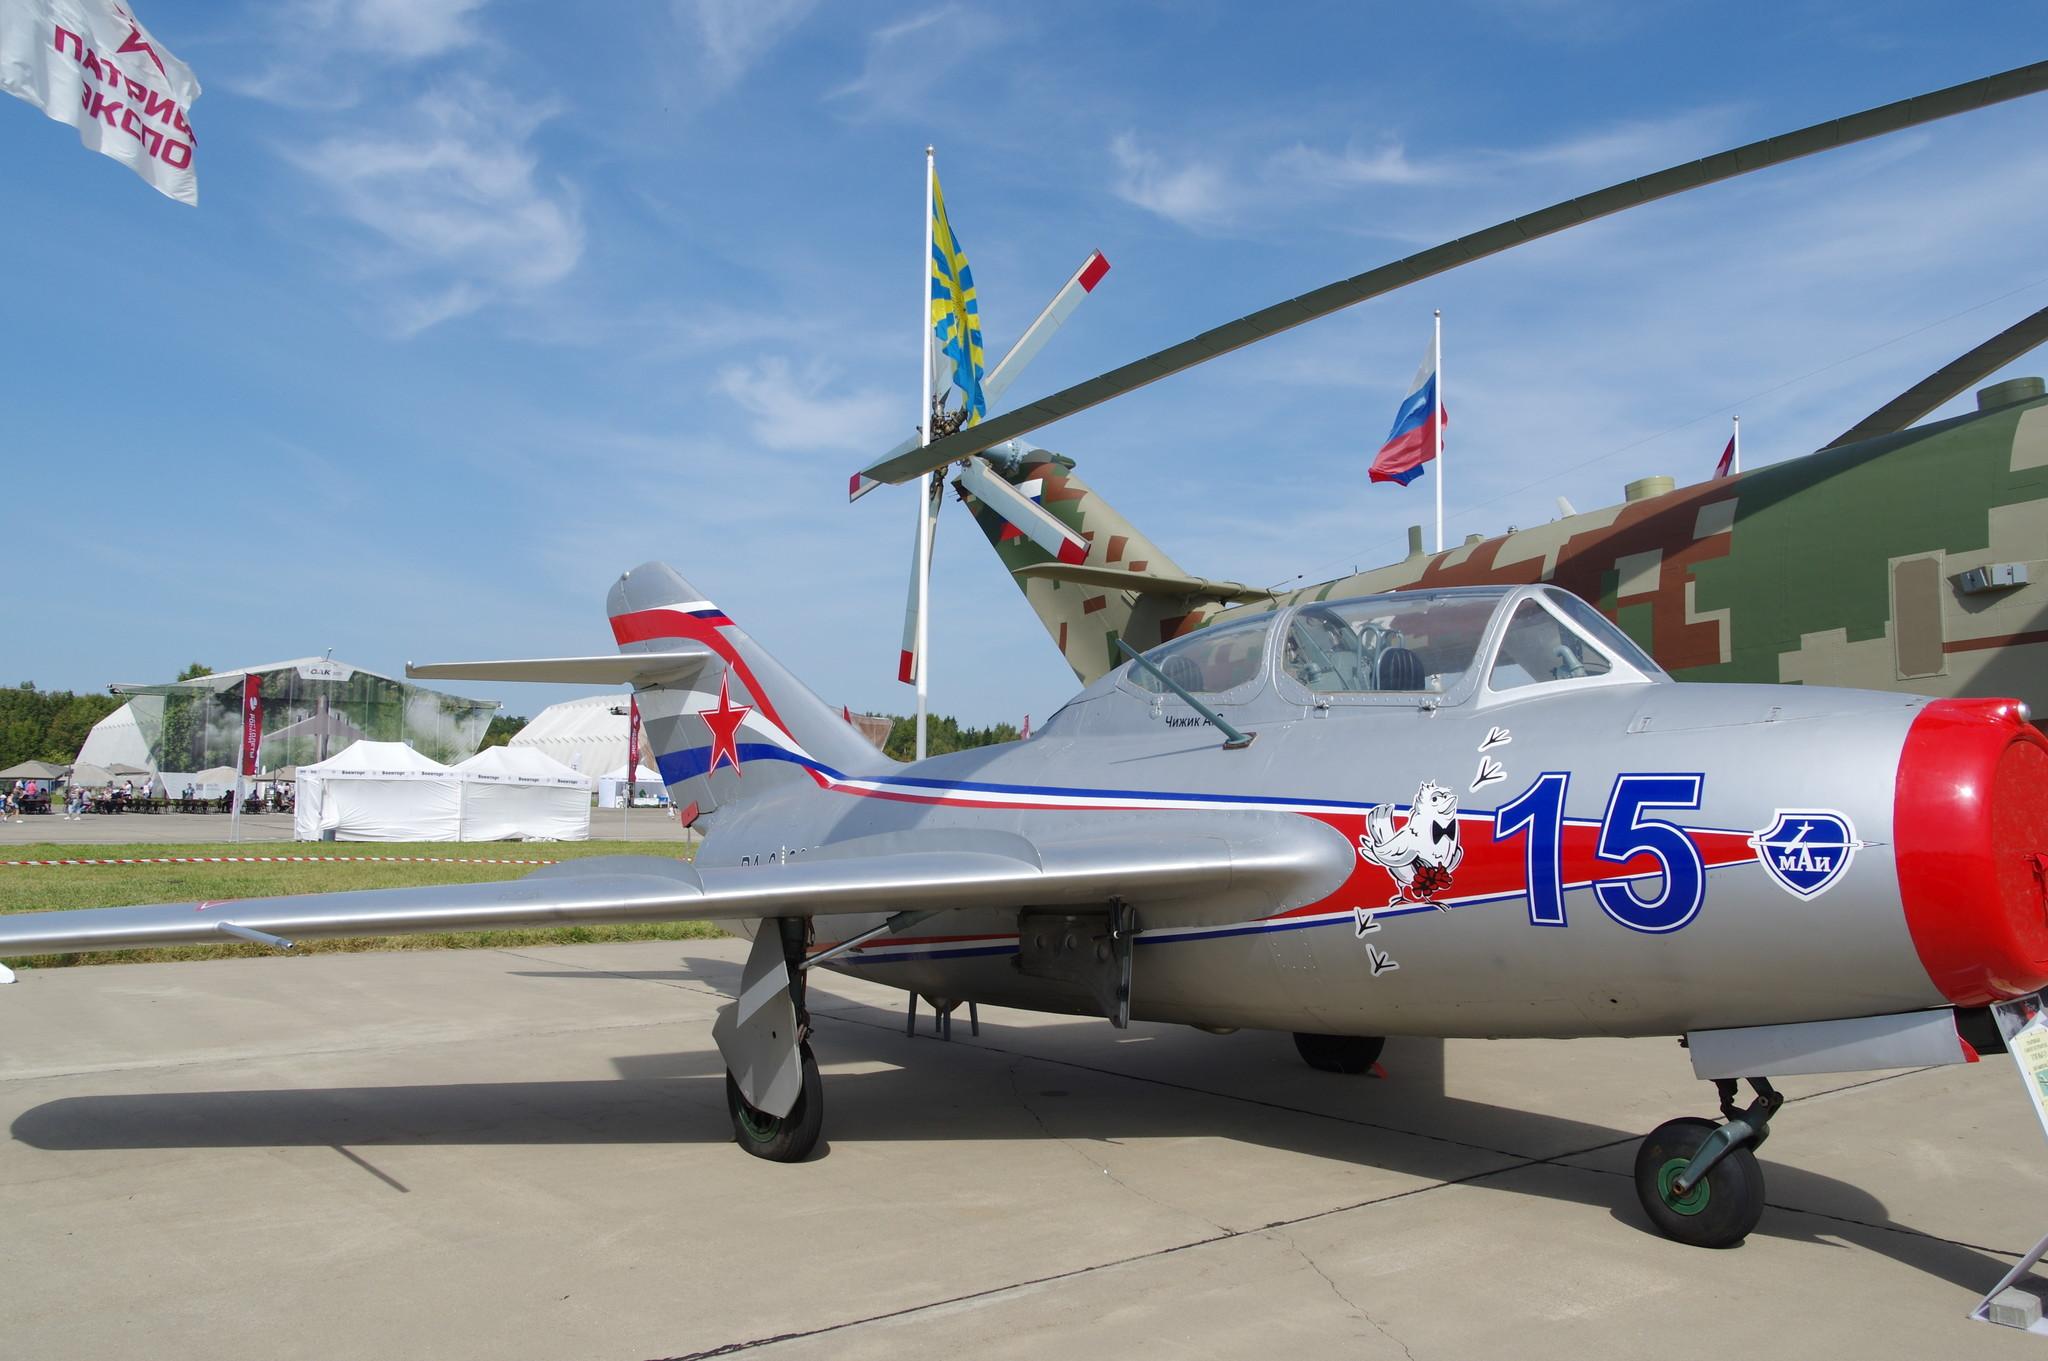 Реактивный самолёт-истребитель УТИ МиГ-15 1949 года выпуска